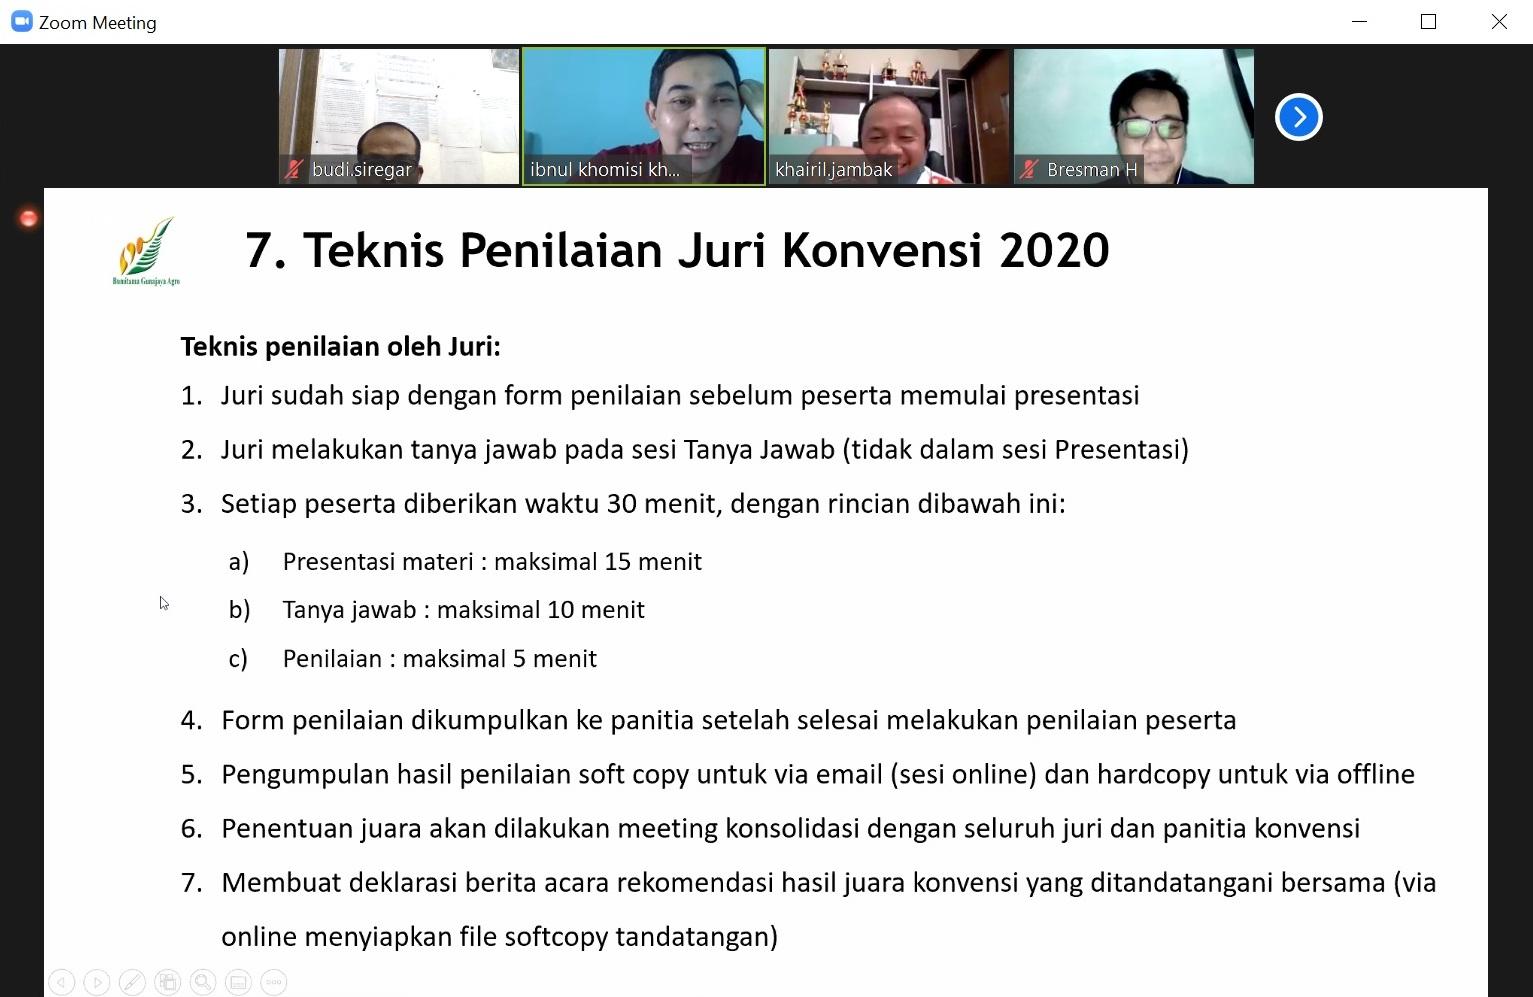 20. Teknis Penilaian Juri Konvensi 2020